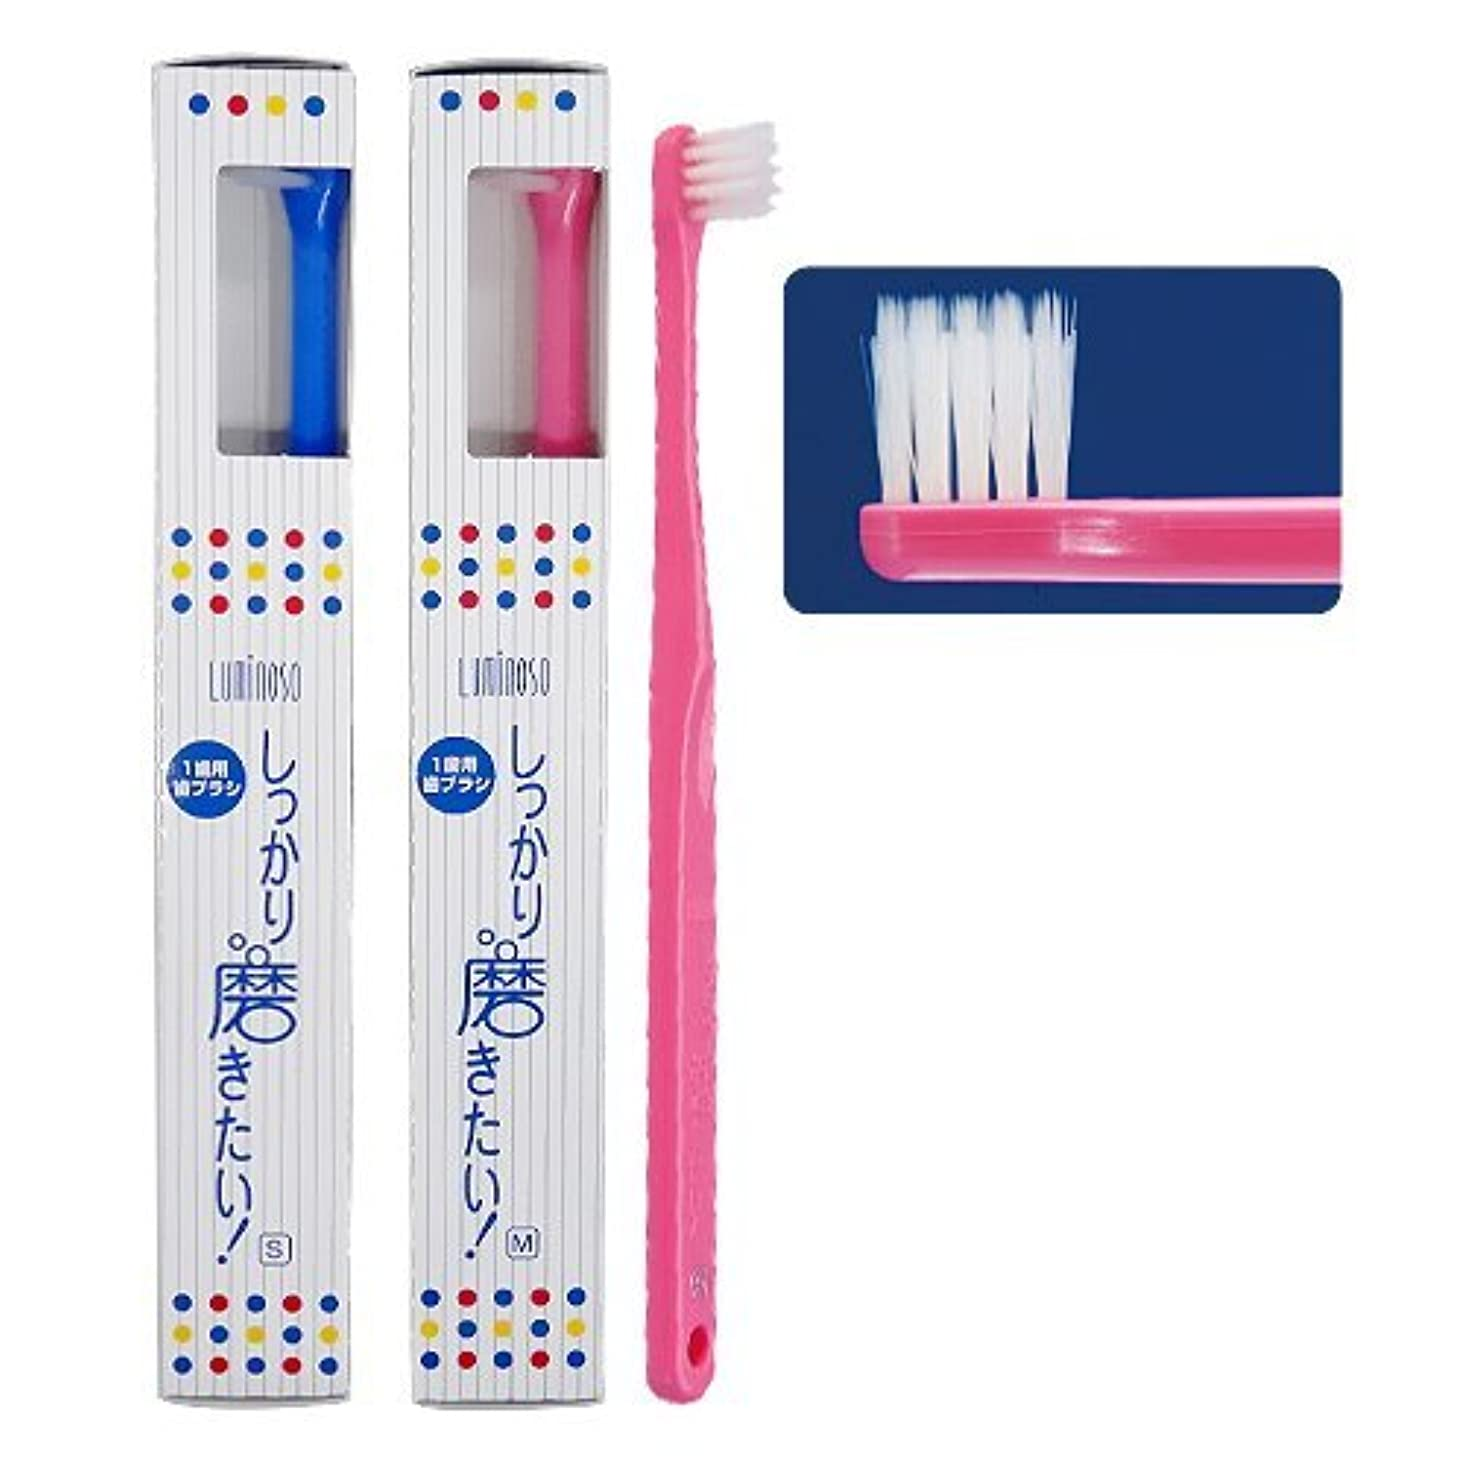 かすれた物理的にストライプルミノソ 1歯用歯ブラシ「しっかり磨きたい!」スタンダード ミディアム (カラー指定不可) 5本